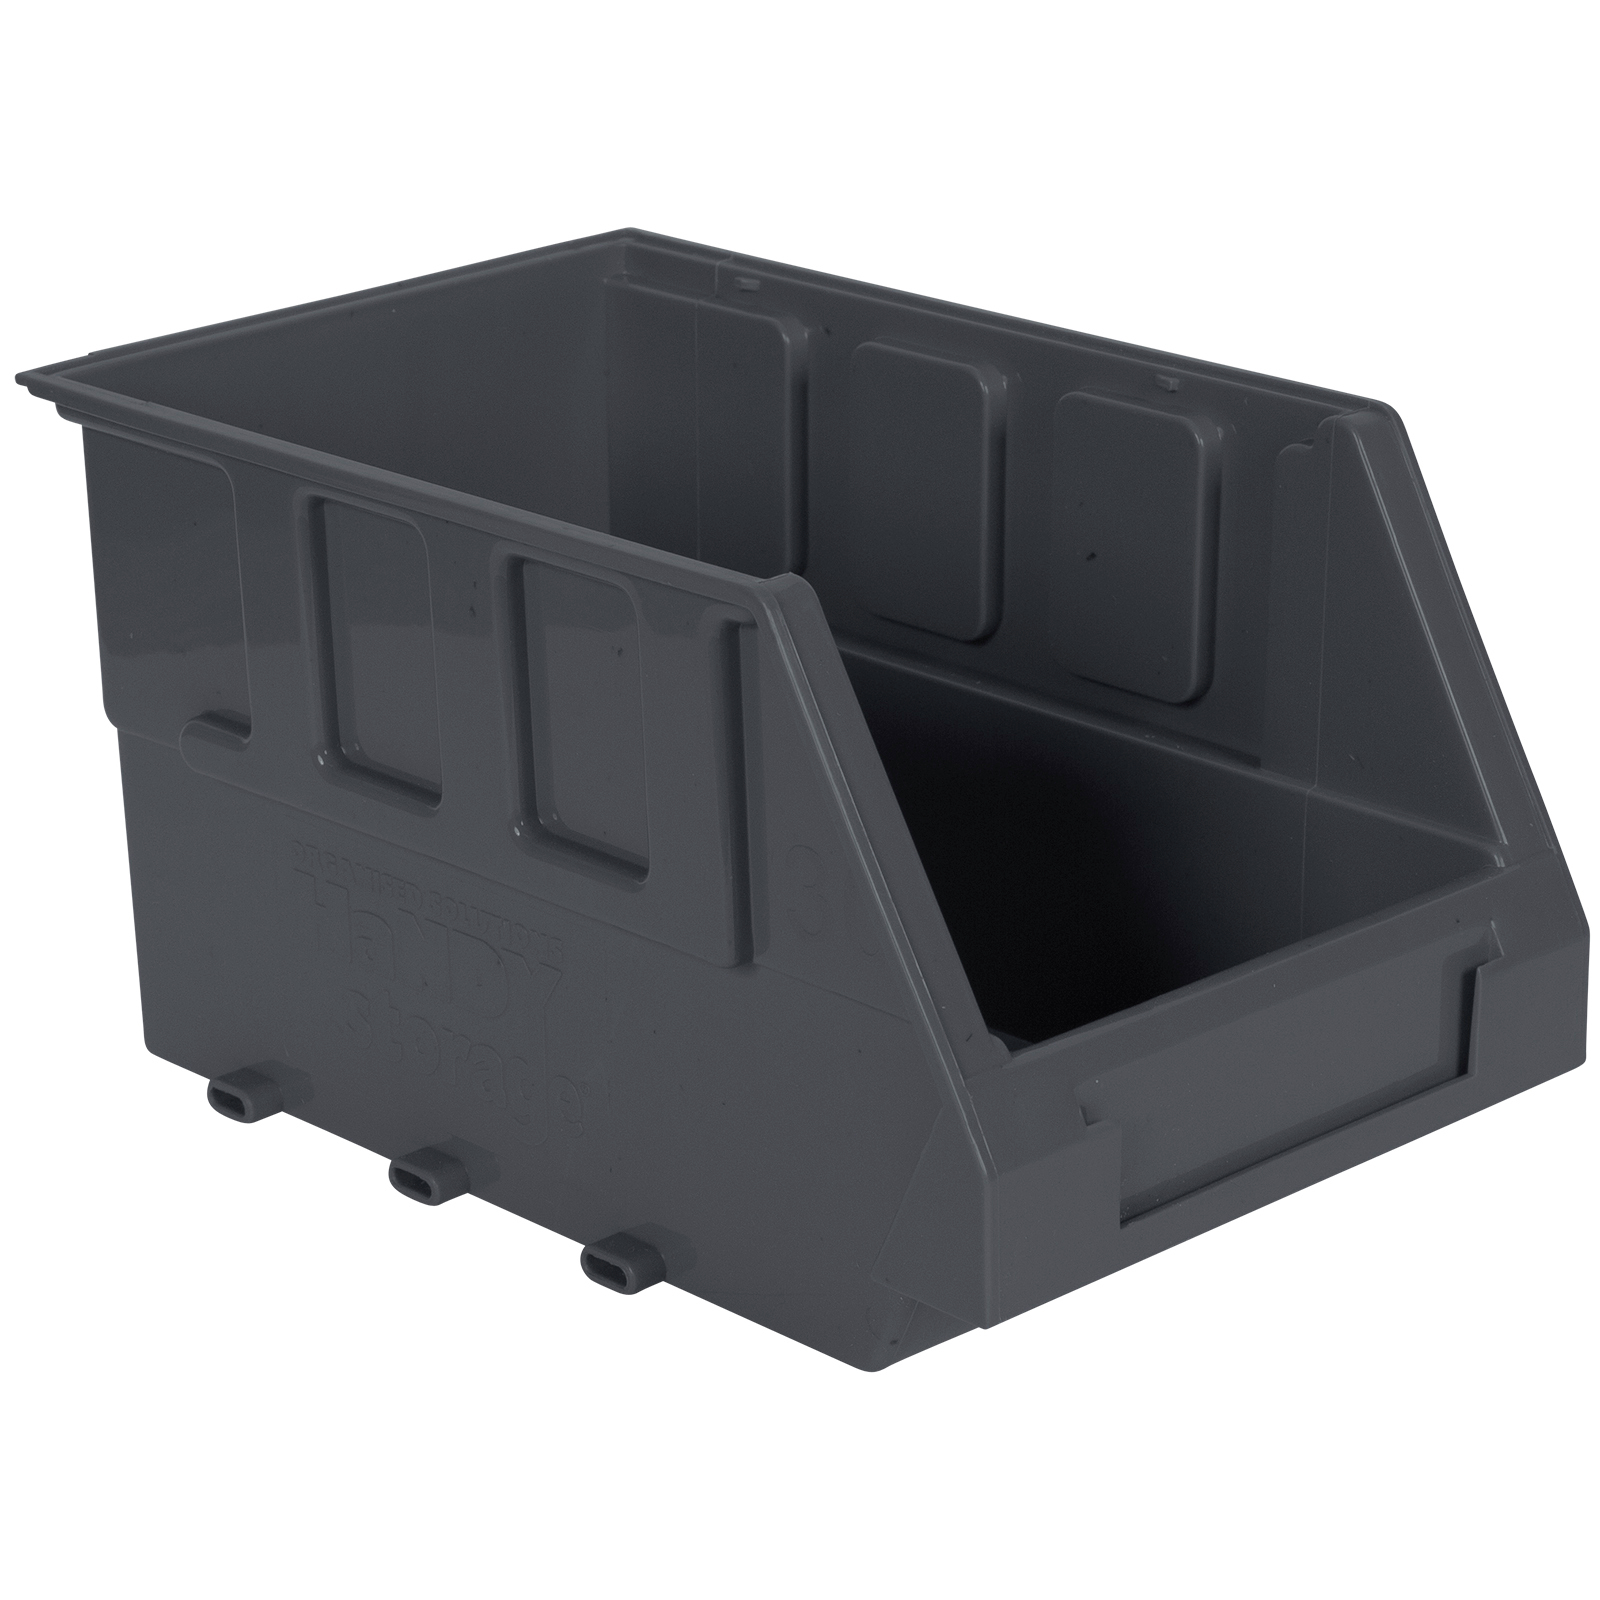 Handy Storage Size 30 Grey Plastic Storage Tote